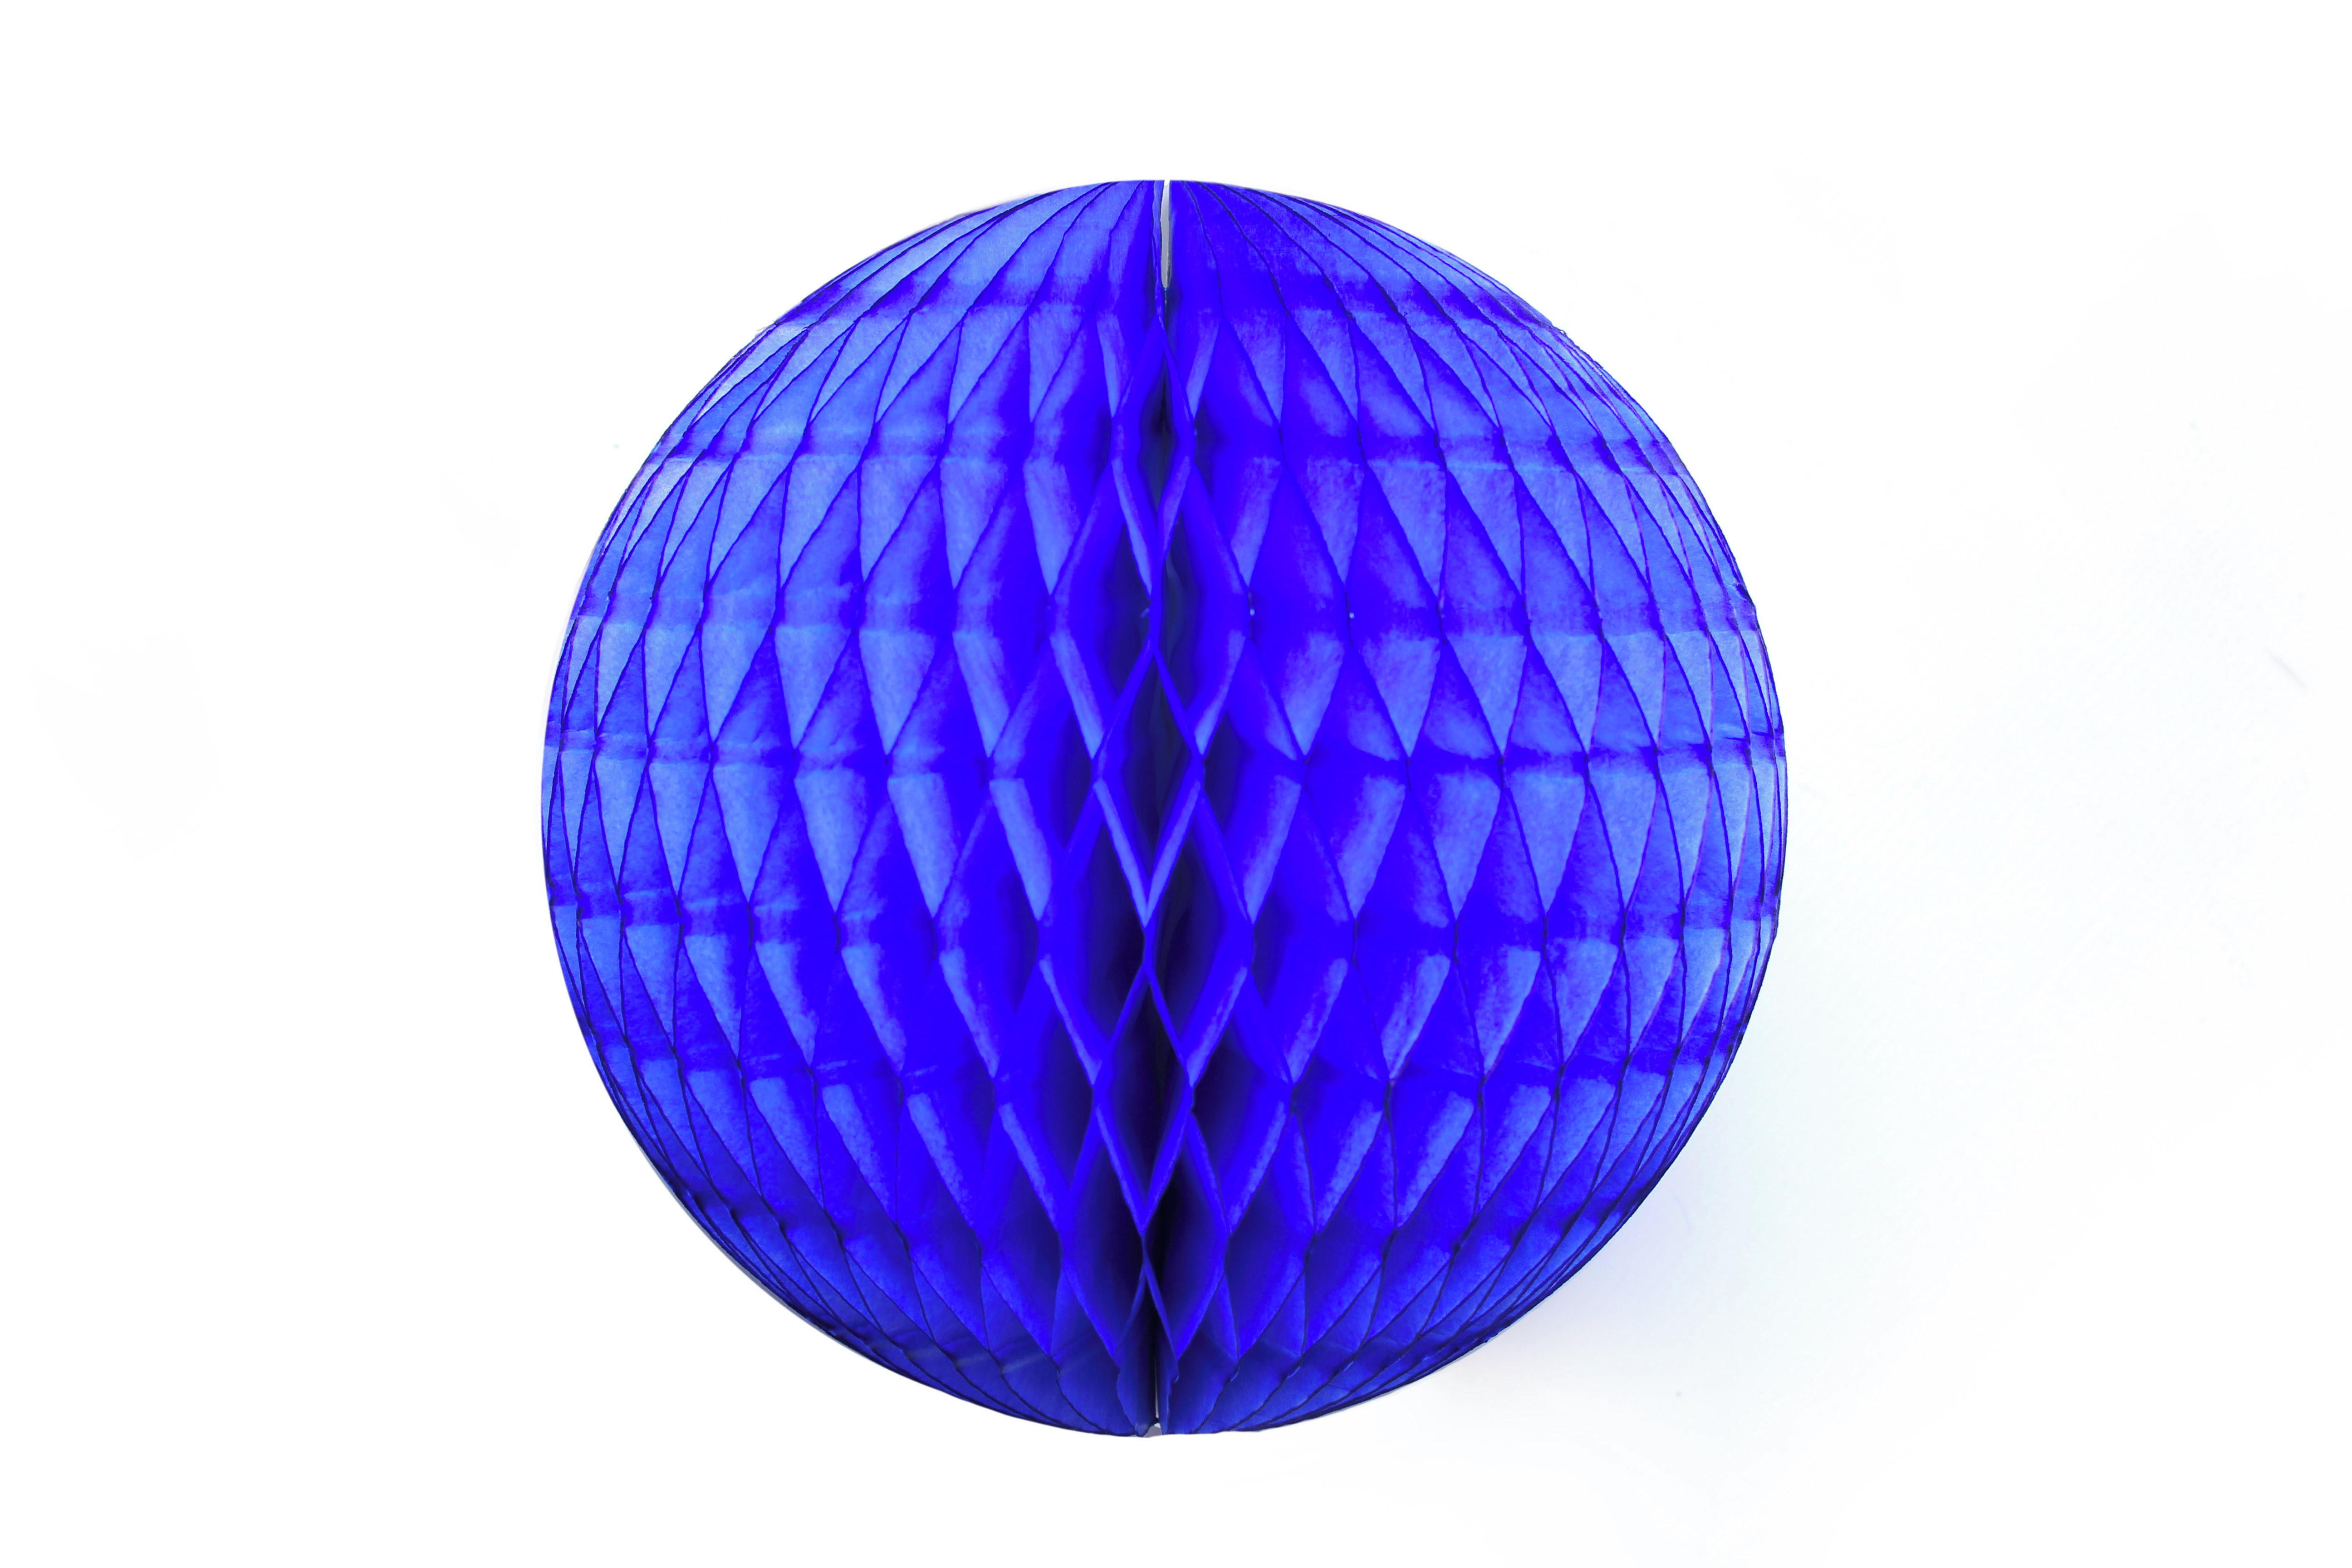 e55d4d94a1517 Bolas de Papel de Seda Diversas Cores Bola Personalizada